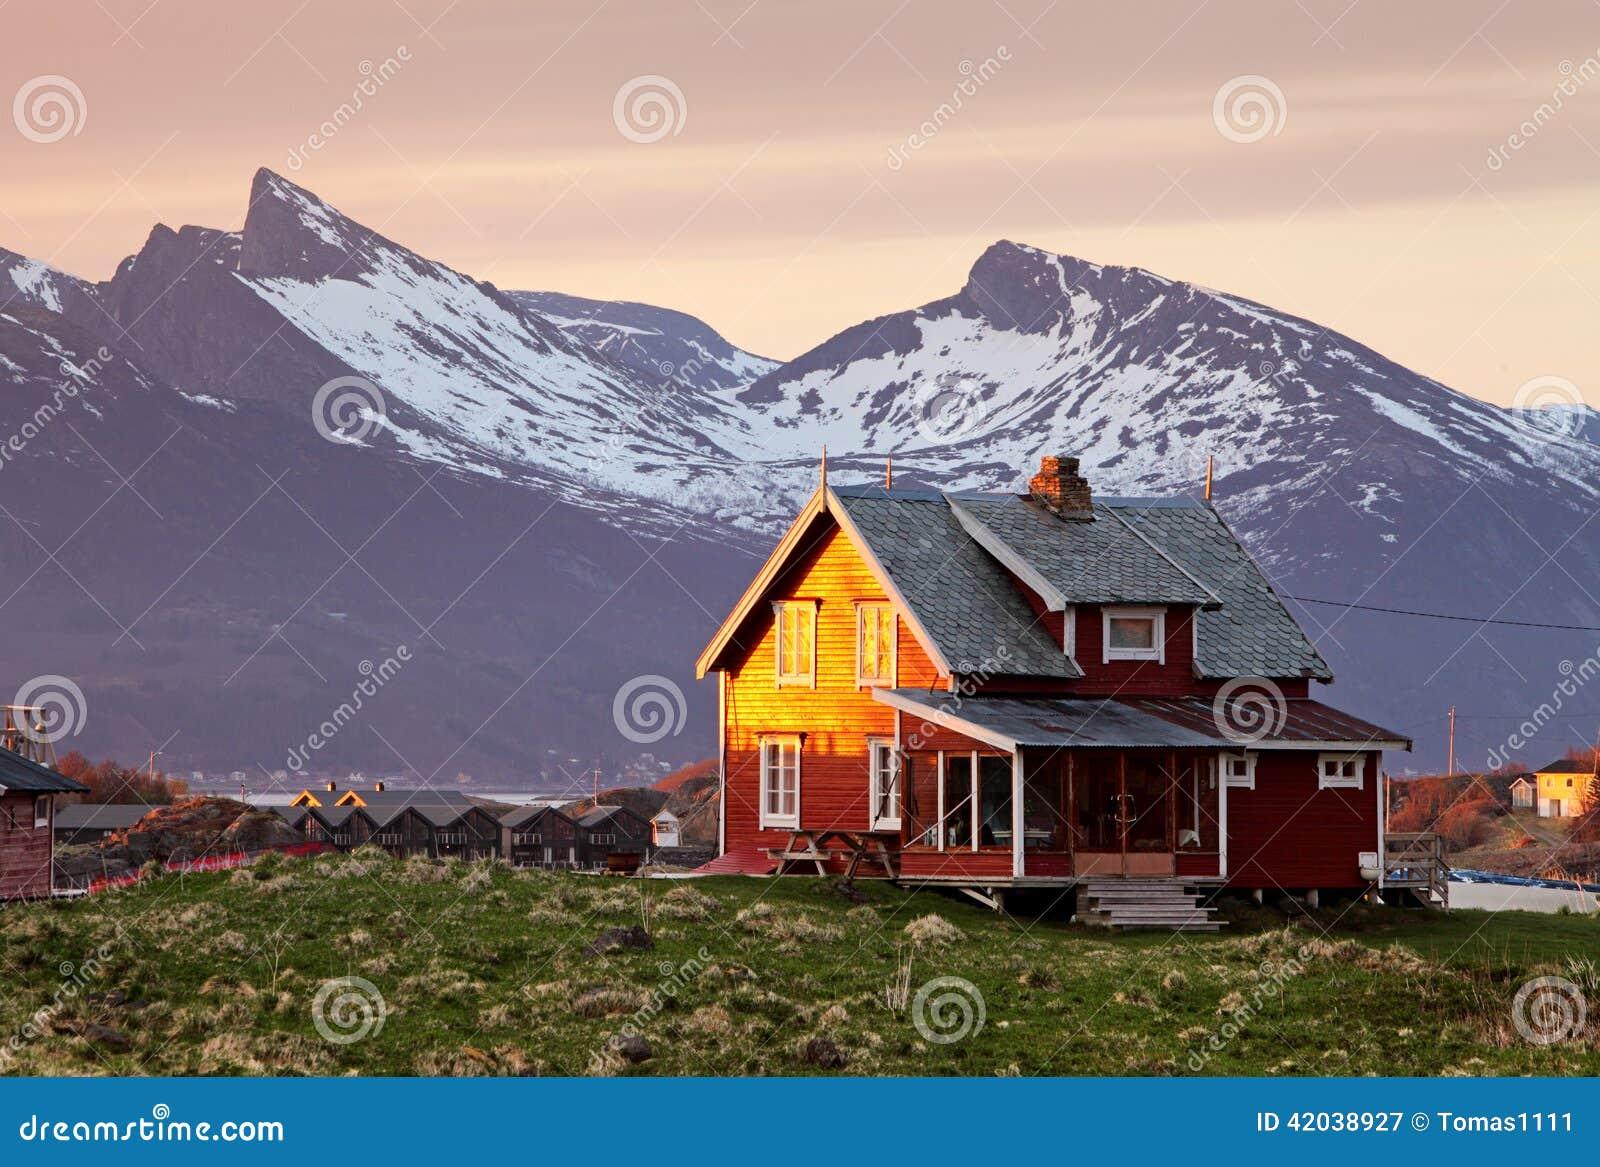 Casa de noruega con la monta a en fondo imagen de archivo for Casas en noruega